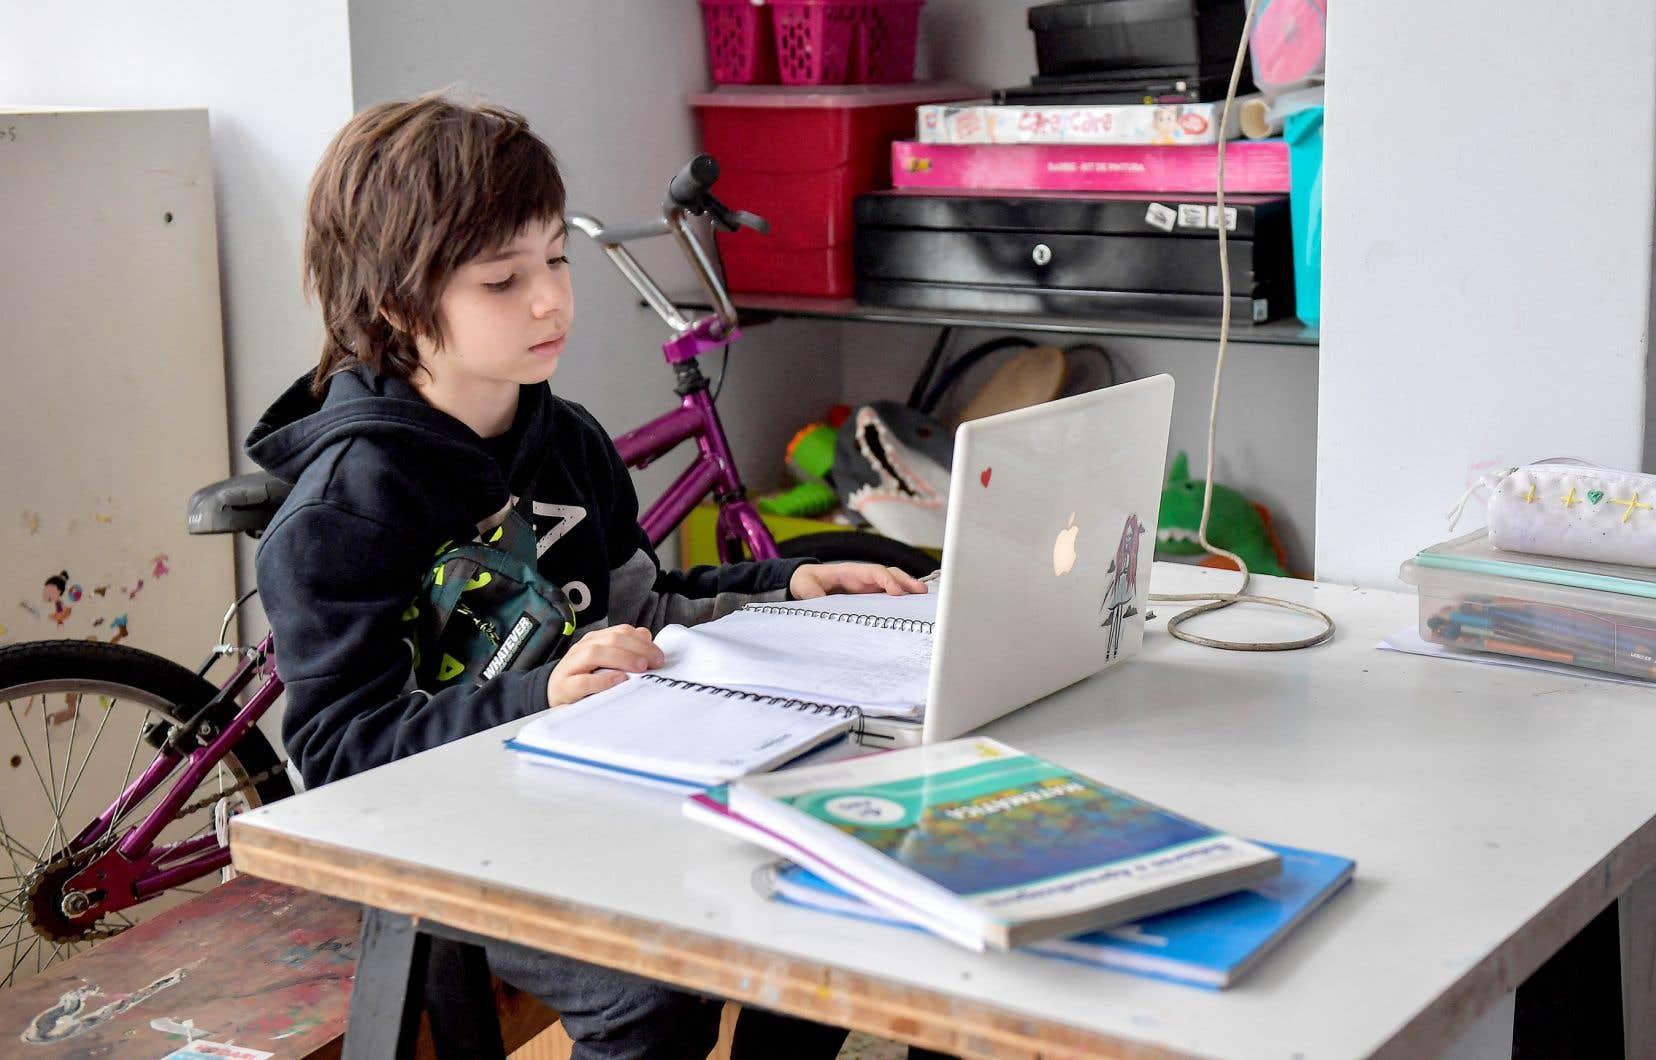 L'enseignement en ligne a mis en évidence les inégalités numériques entre les jeunes, qui, contrairement à la croyance populaire, ne sont pas tous «nés dedans».